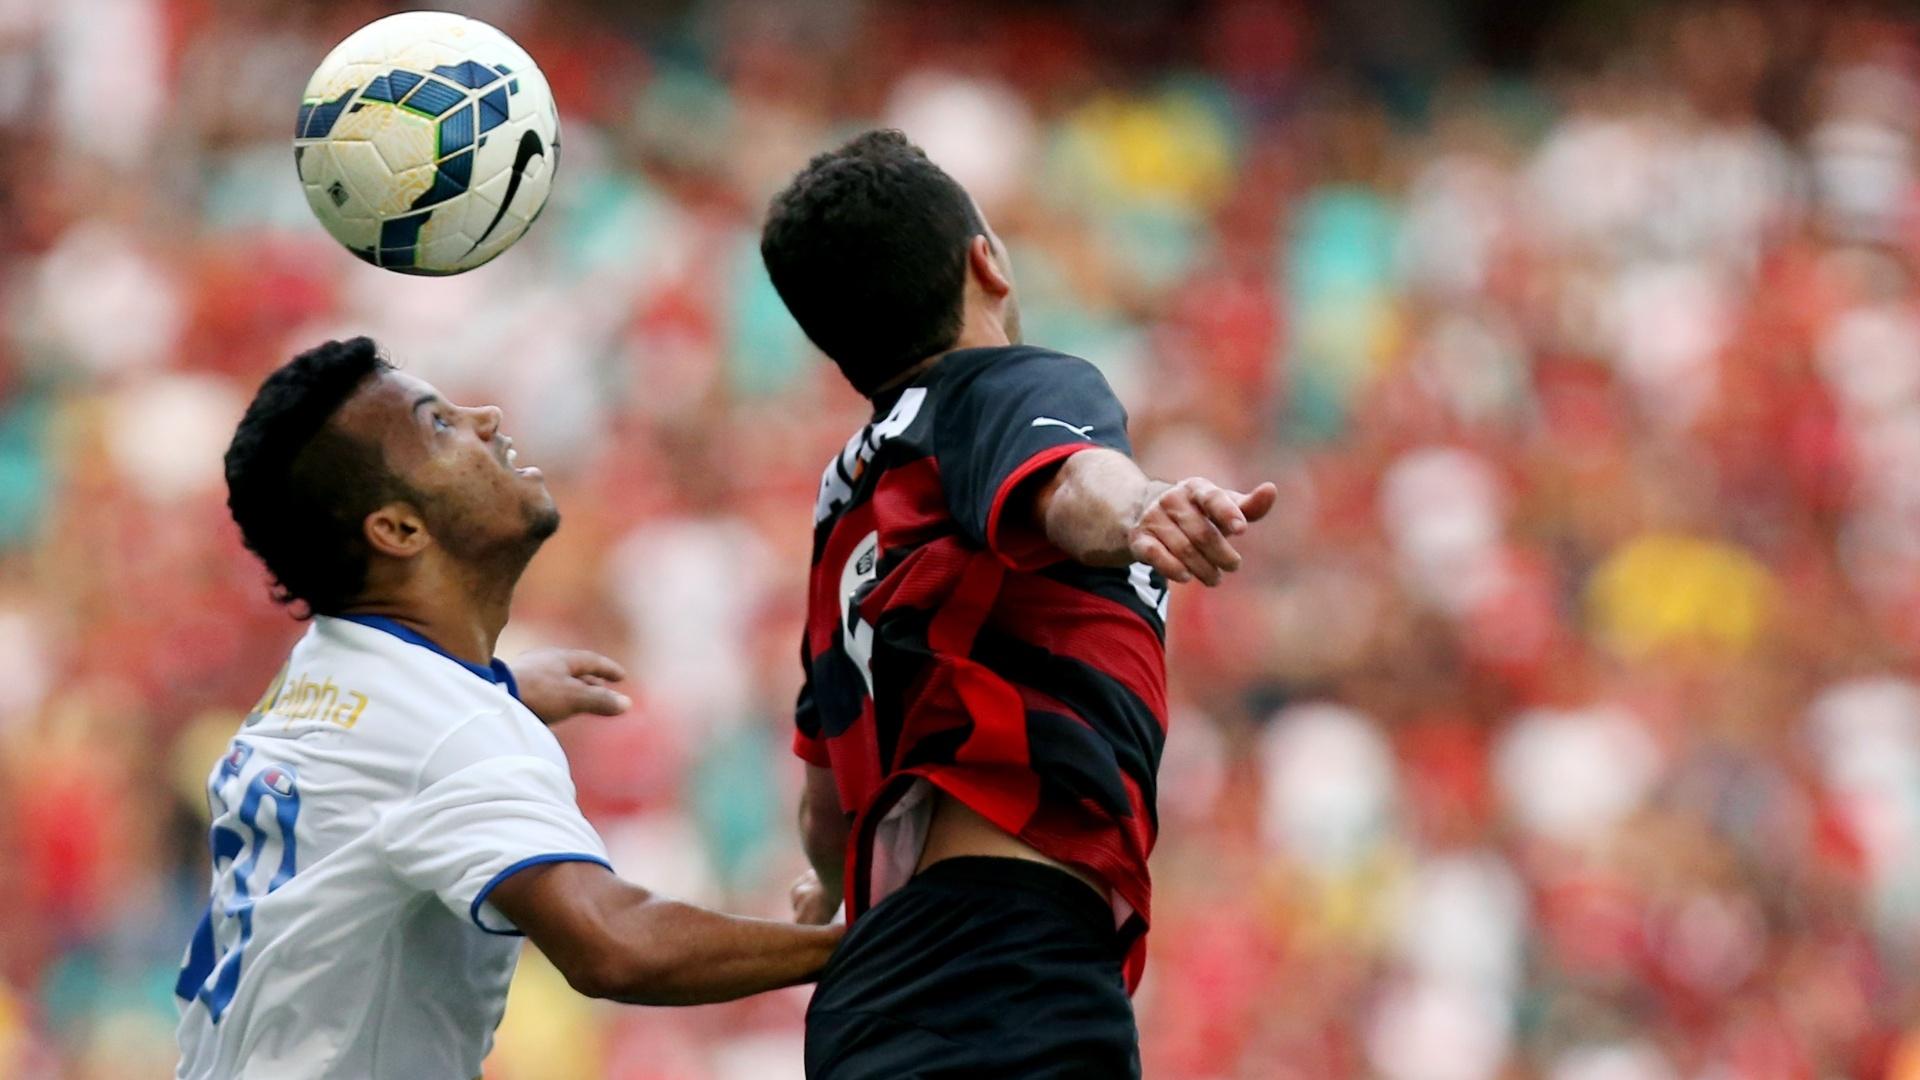 Jogadores de Bahia e Vitória disputam bola em clássico